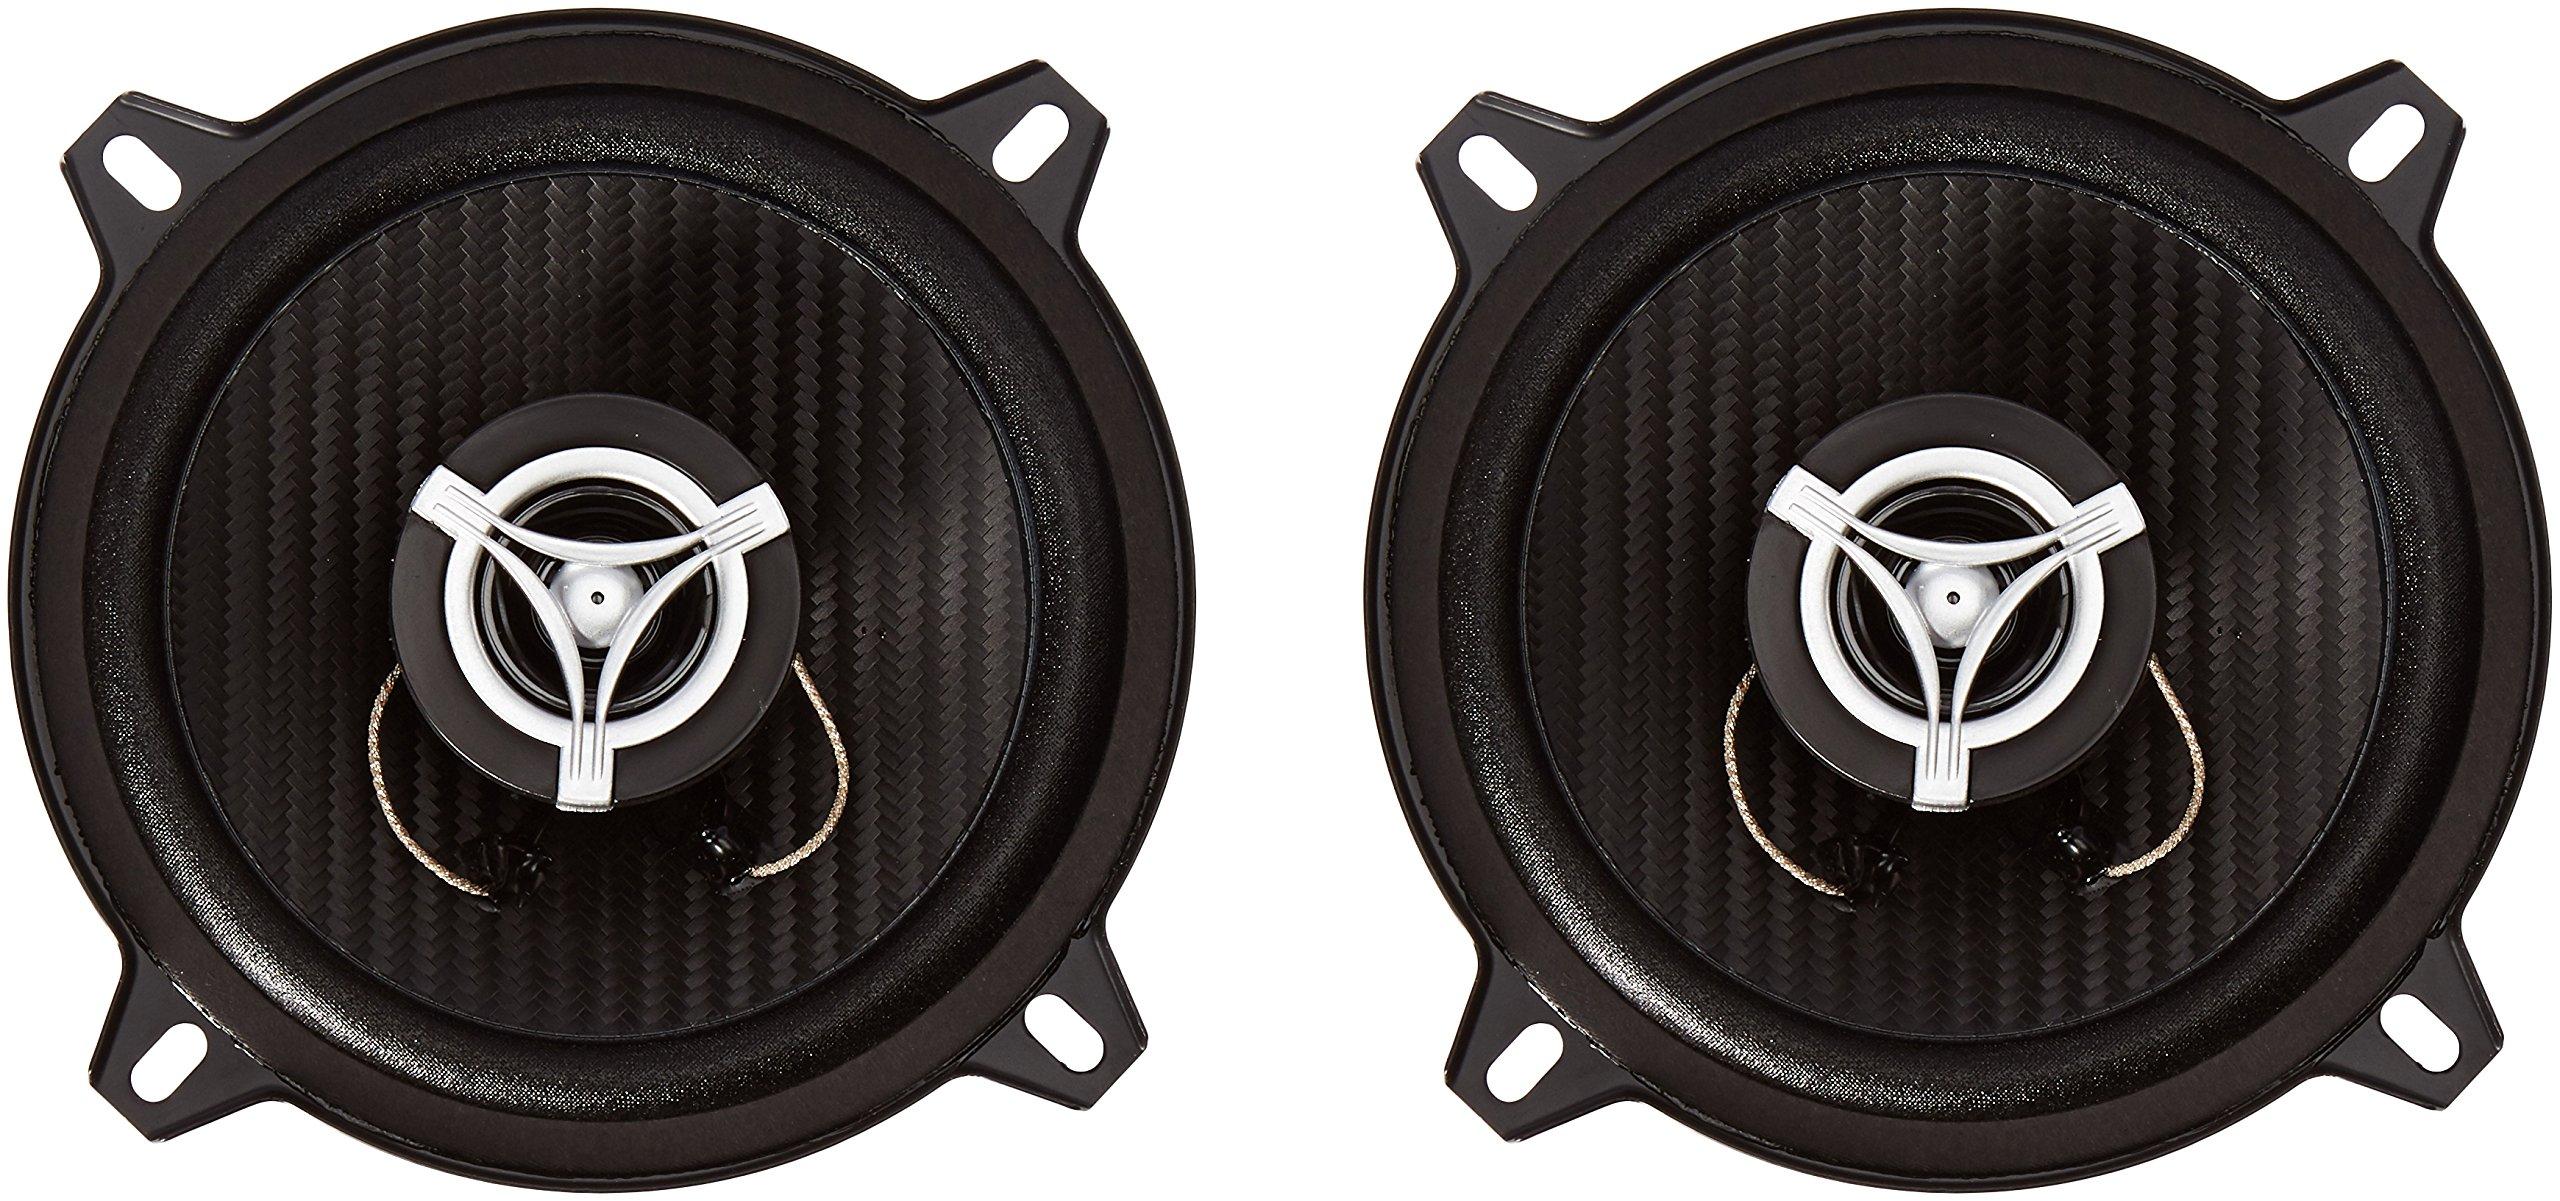 Power Acoustik EF-52 Edge Series 300 Watt 5.25x2033; 2-Way Coaxial Speakers